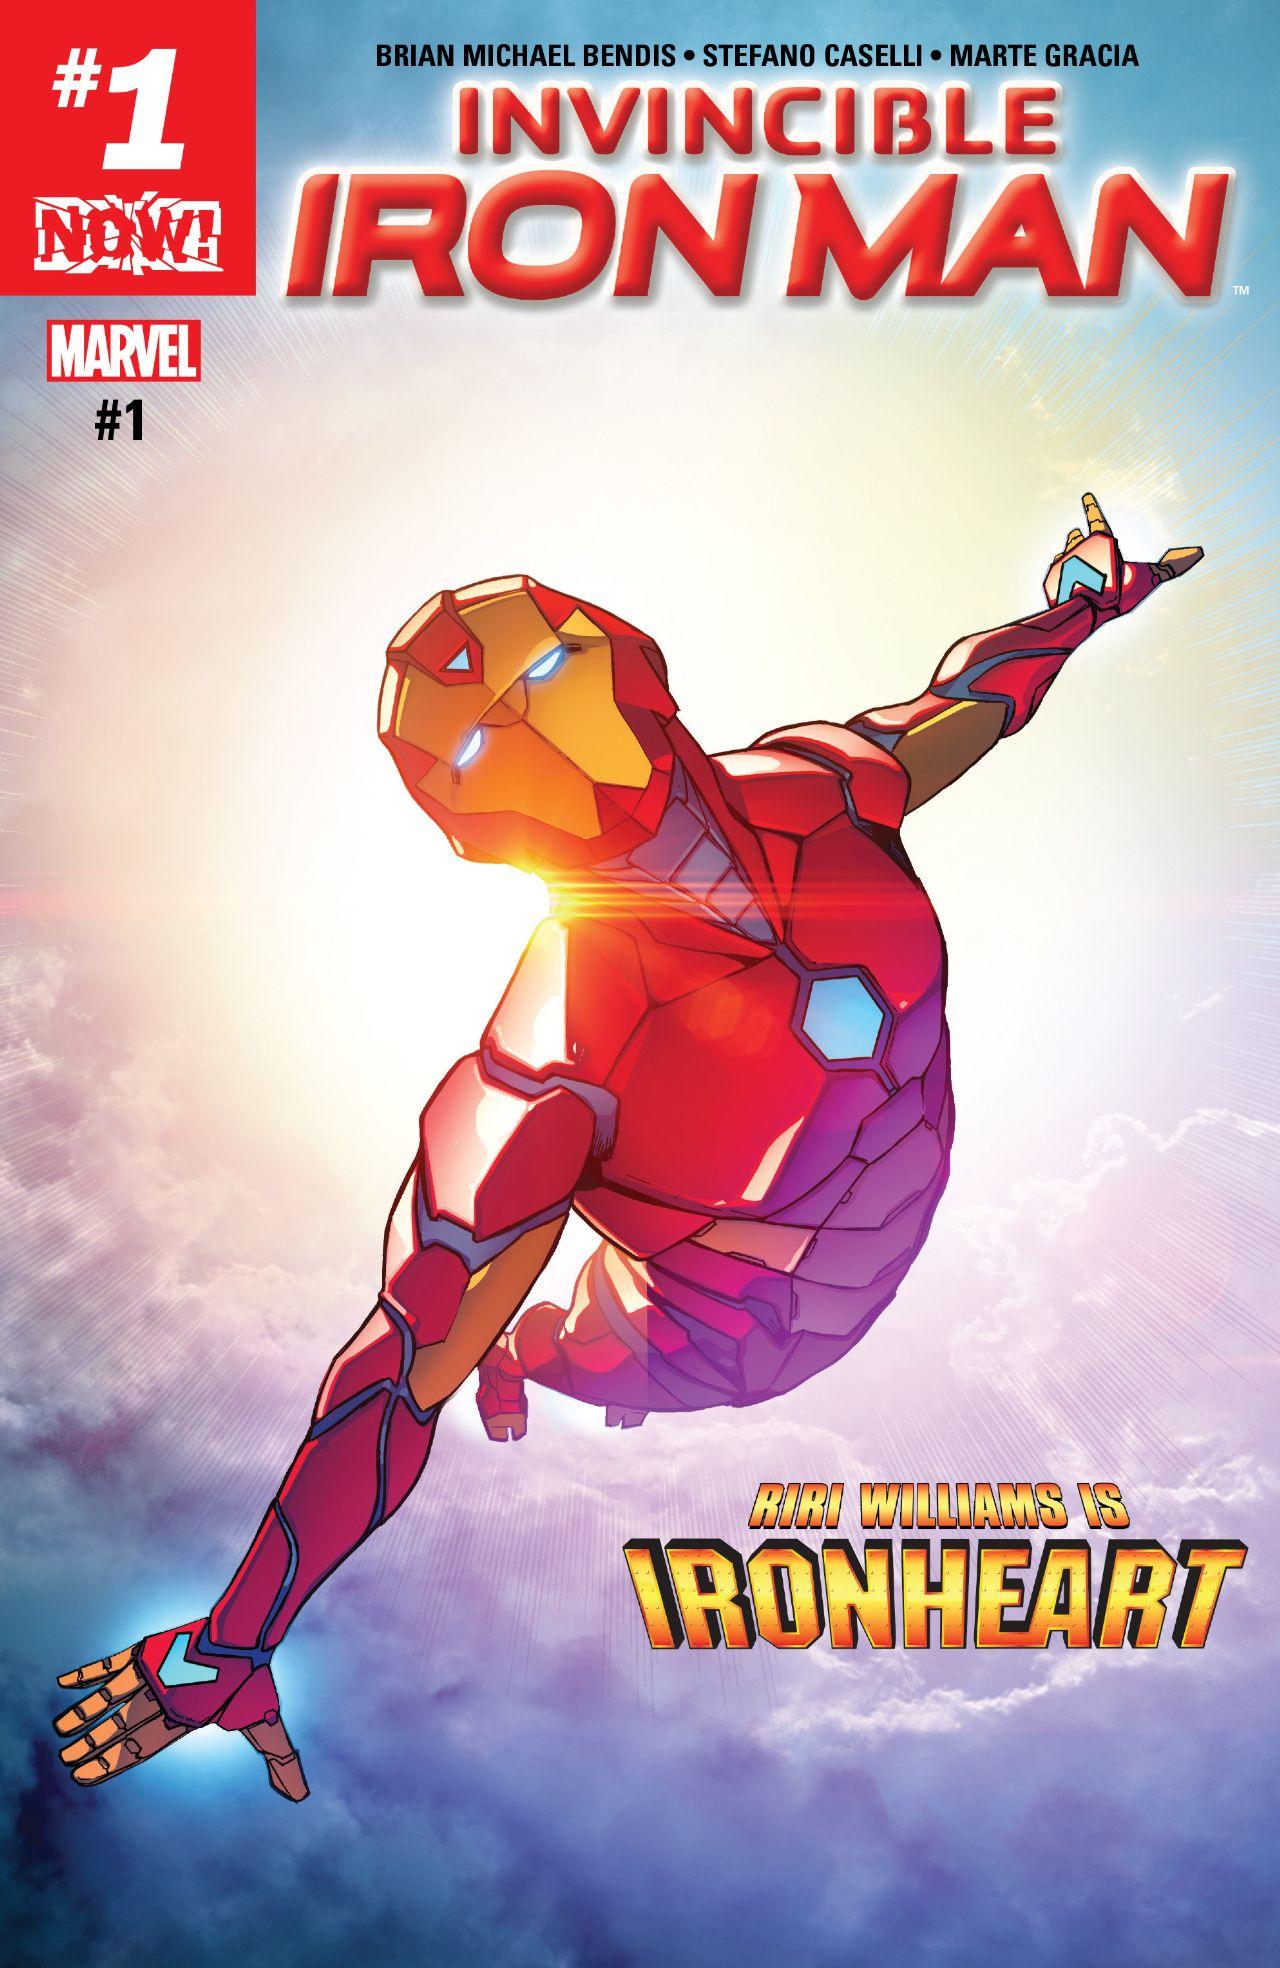 Invincible Iron Man (2016-) #1